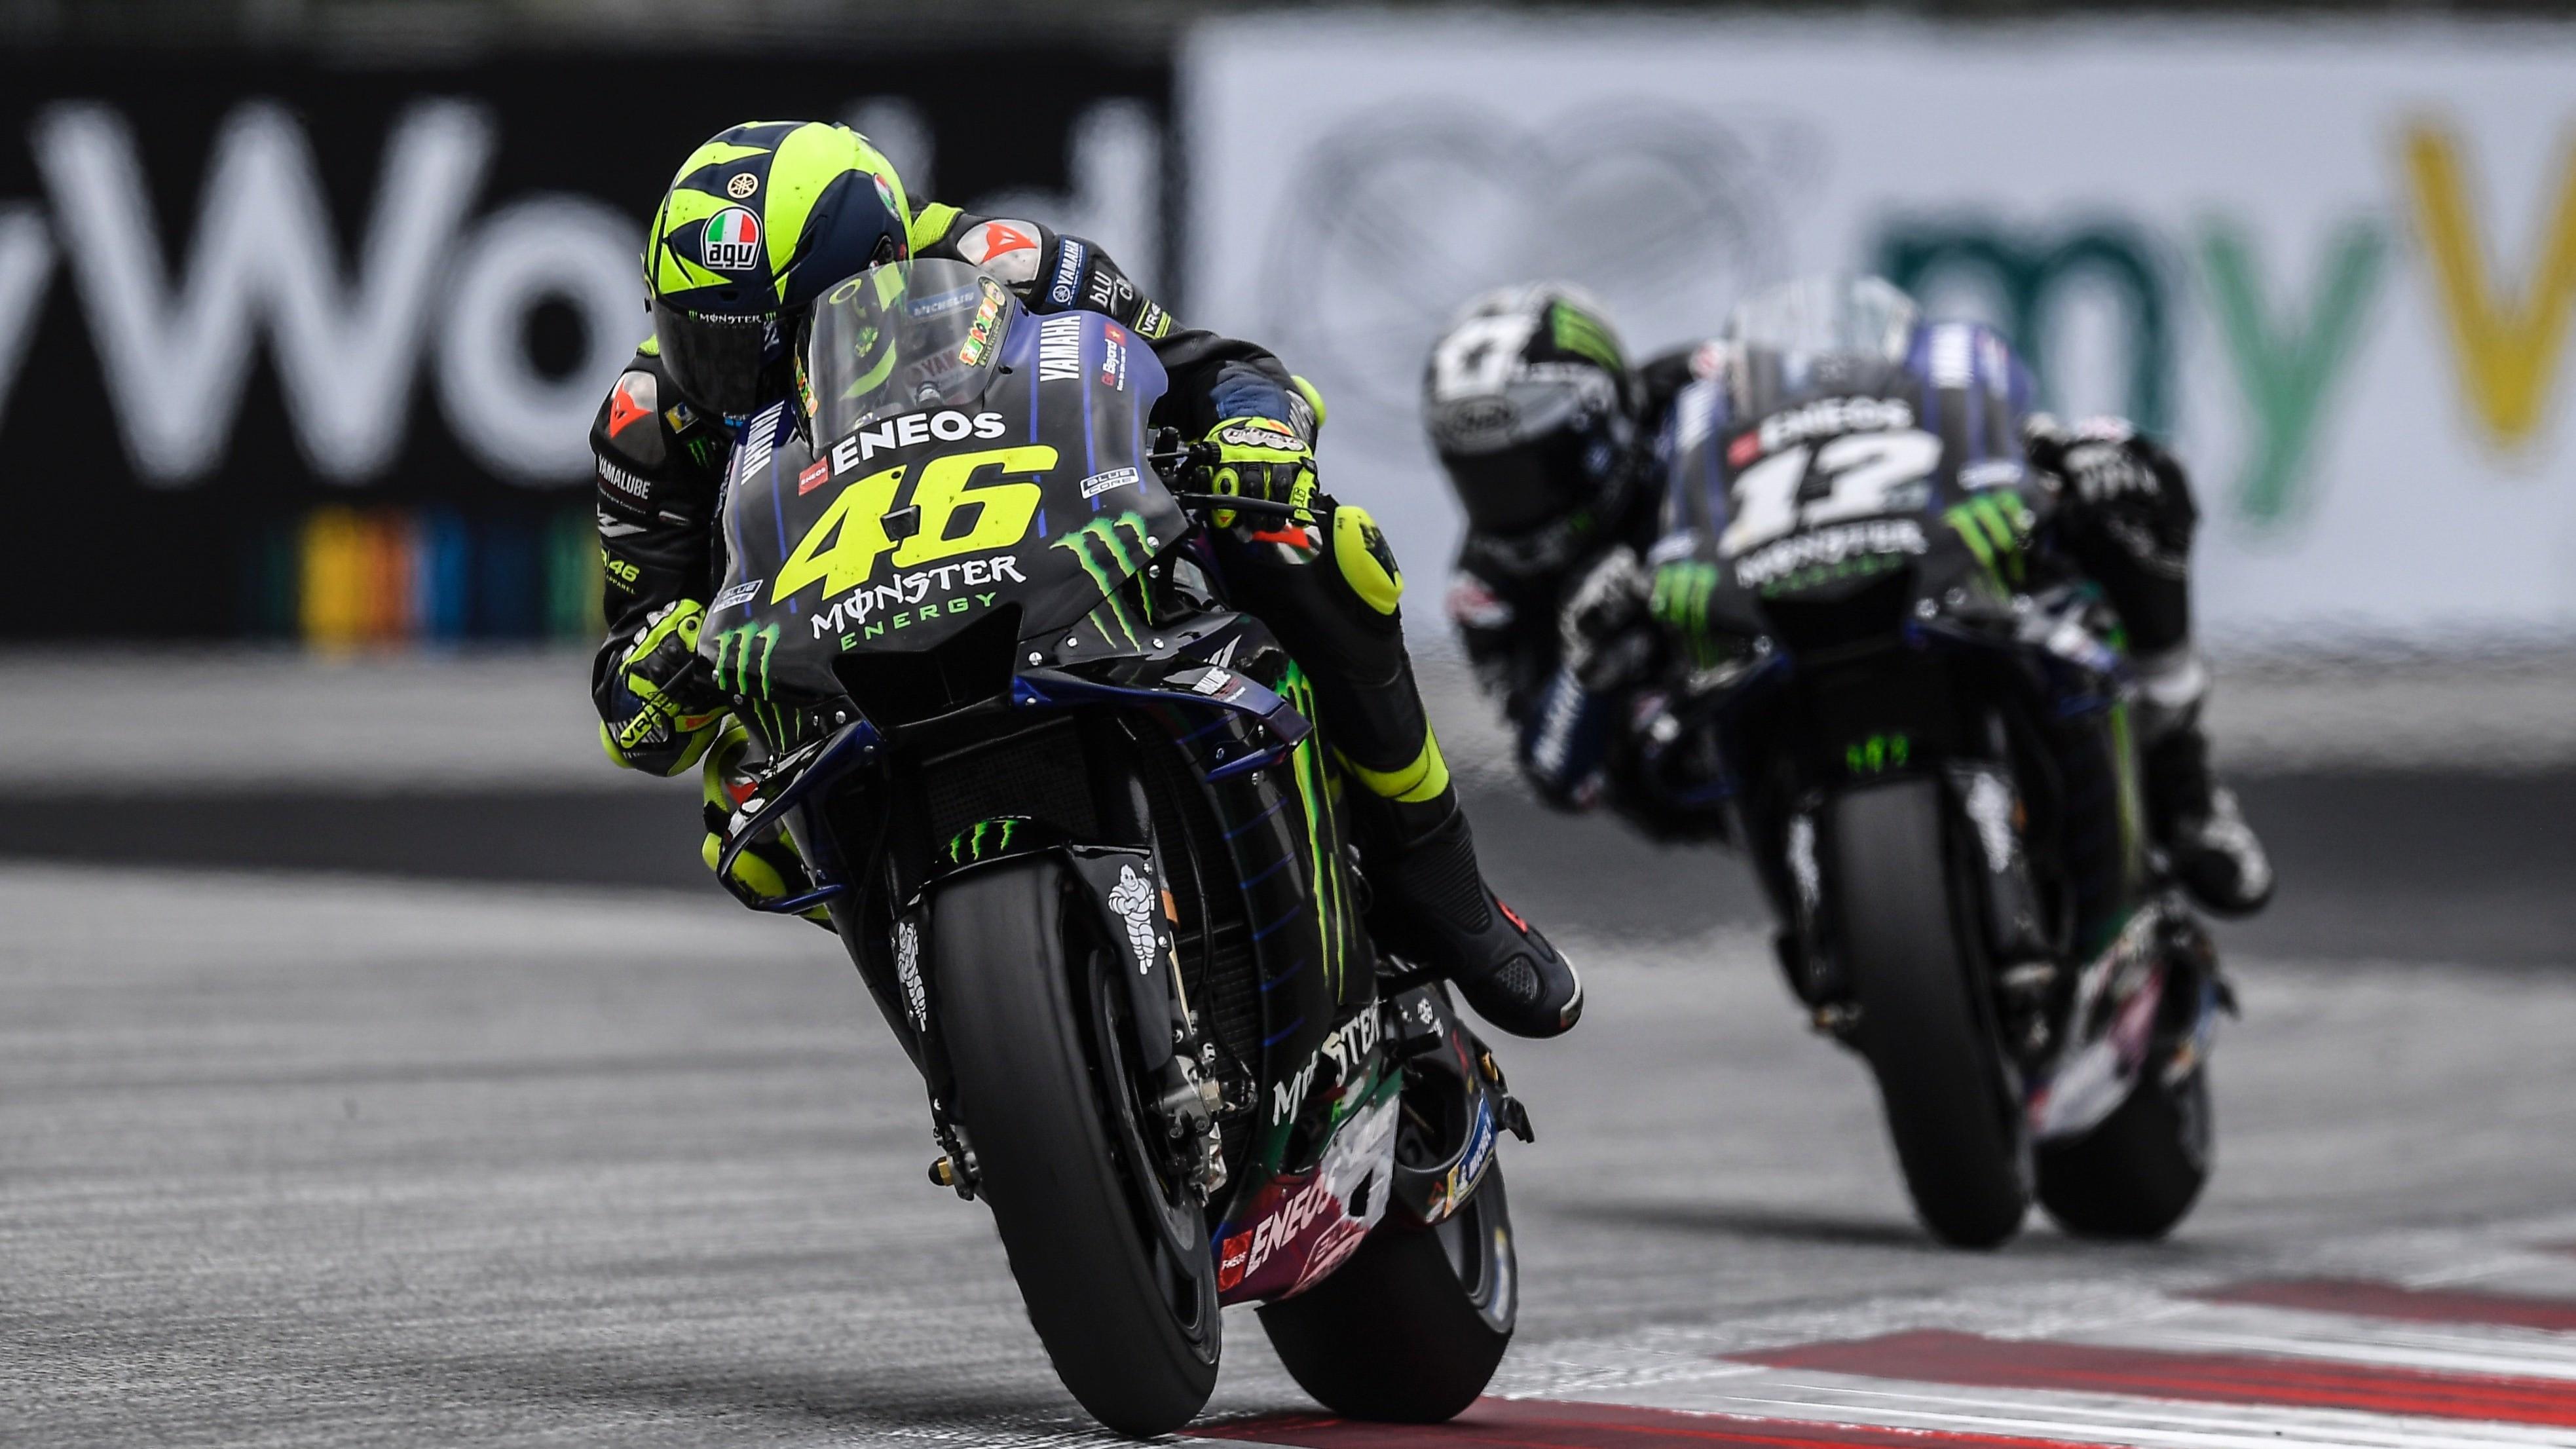 Pembalap Monster Yamaha, Valentino Rossi (depan)